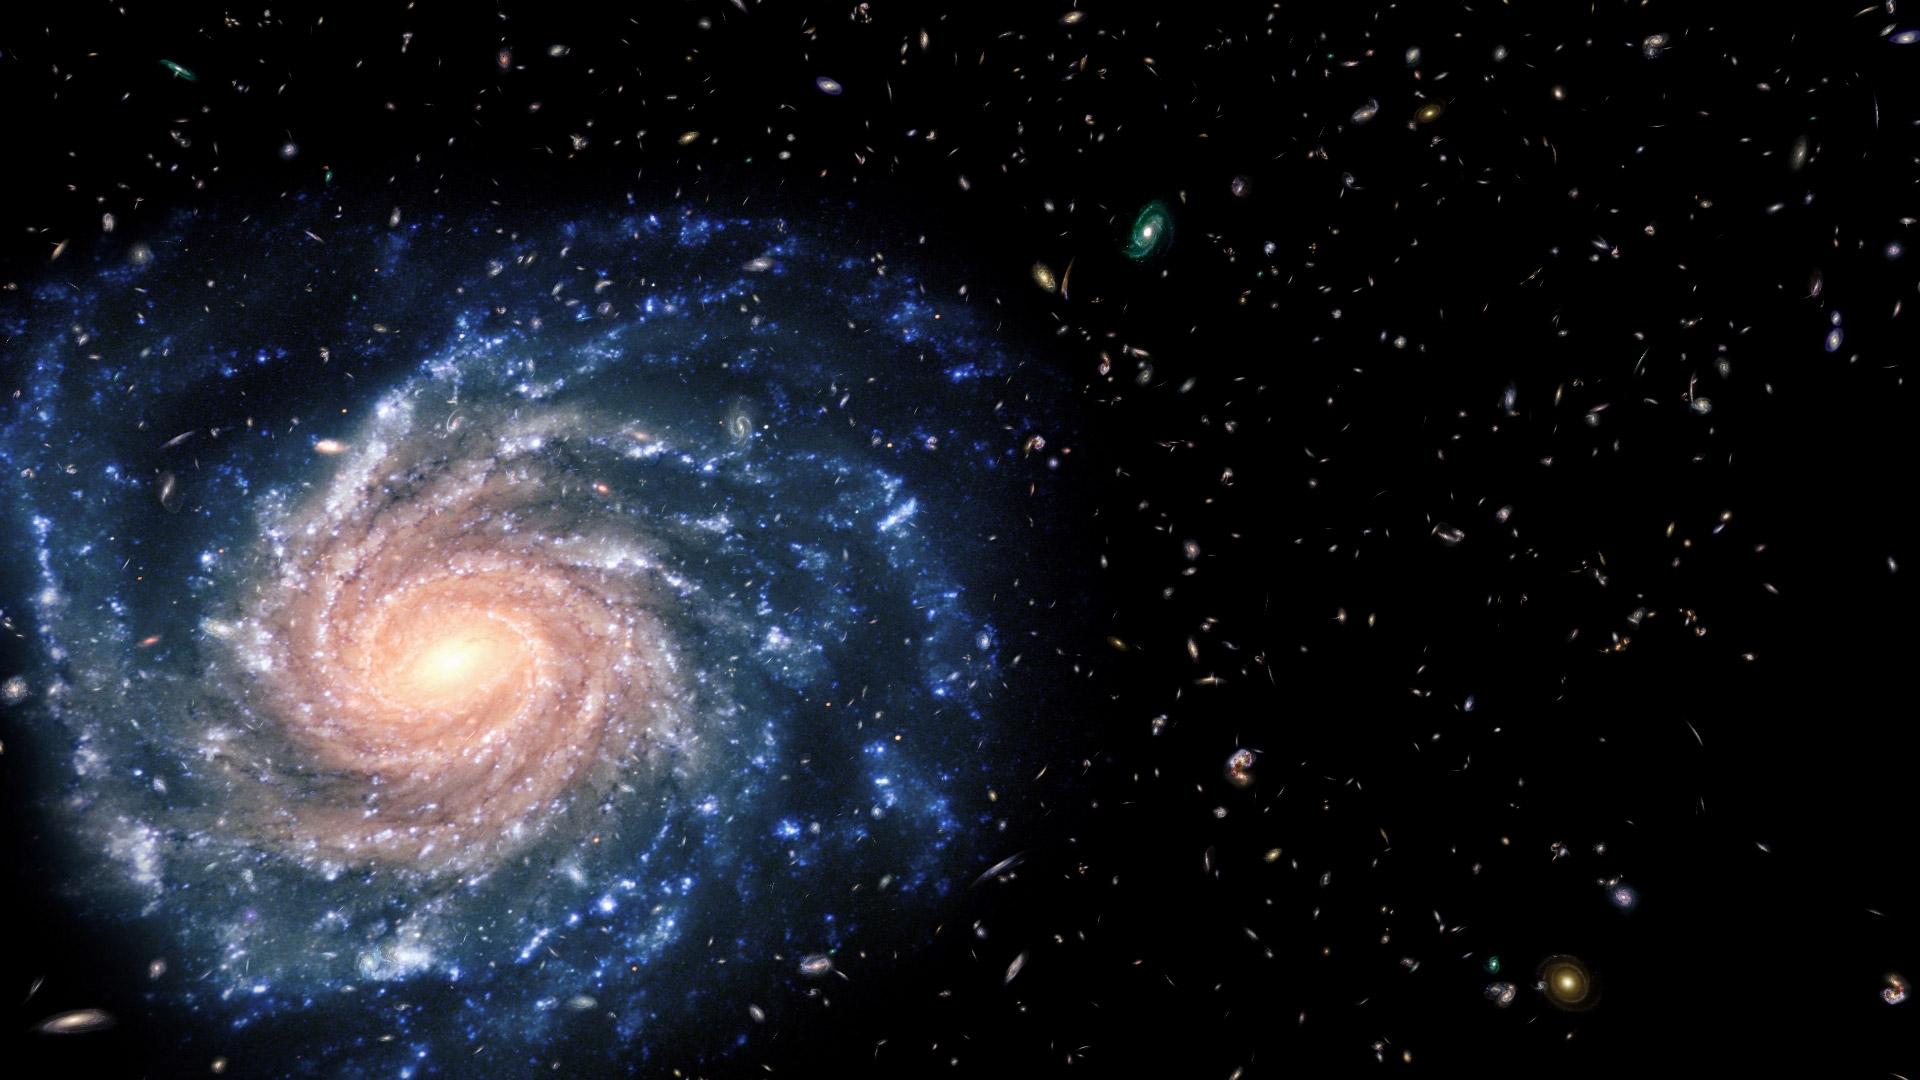 наша галактика во вселенной фото тебя